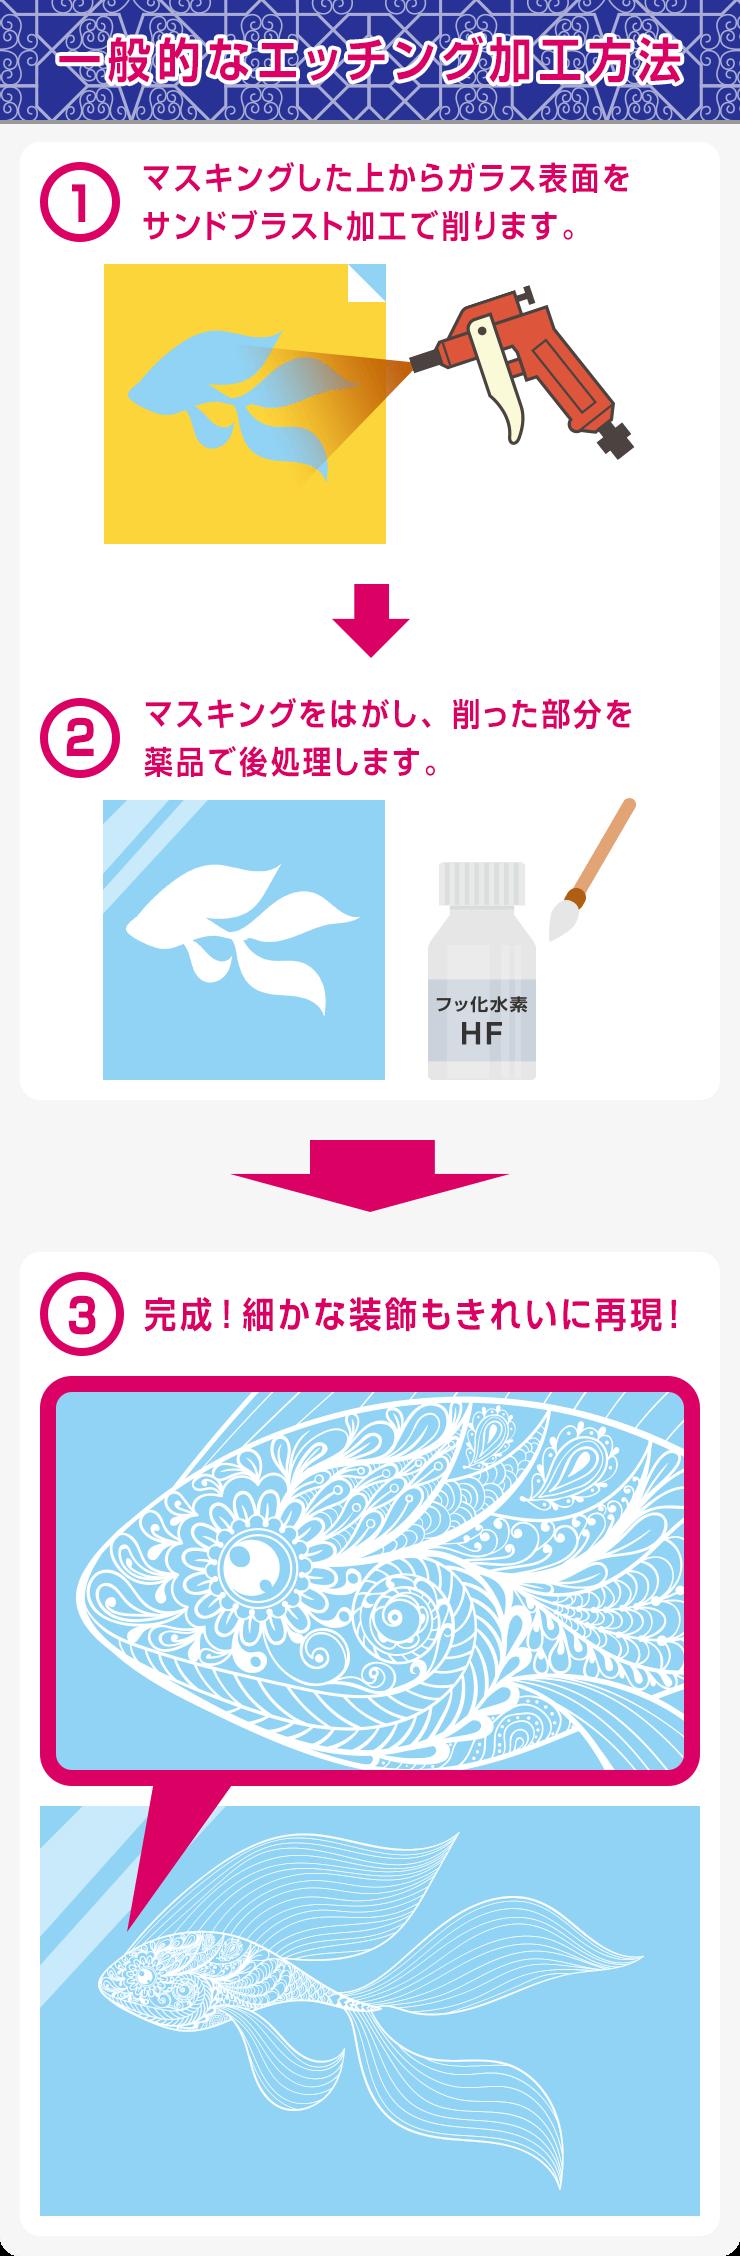 一般的なエッチング加工方法